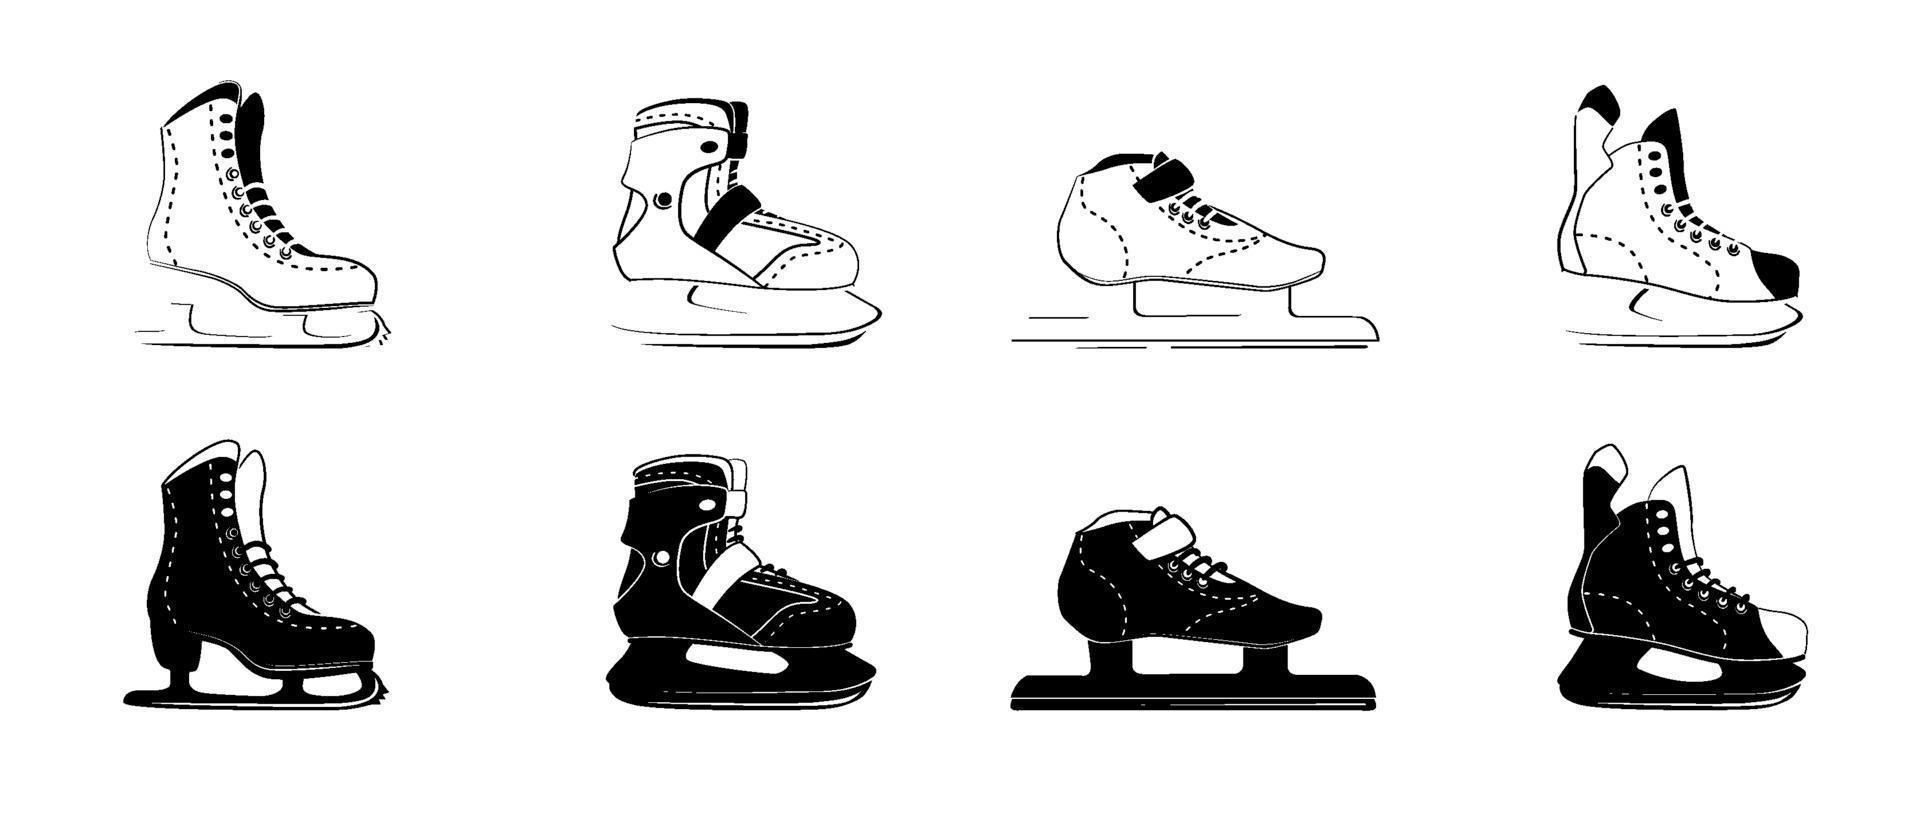 ícones de glifo de patins de gelo - figura, fitness, corrida, hóquei. tipo de botas de patinar no gelo. logotipo de equipamento de esporte de inverno em estilo de contorno preto. ilustração vetorial isolada no fundo branco. vetor